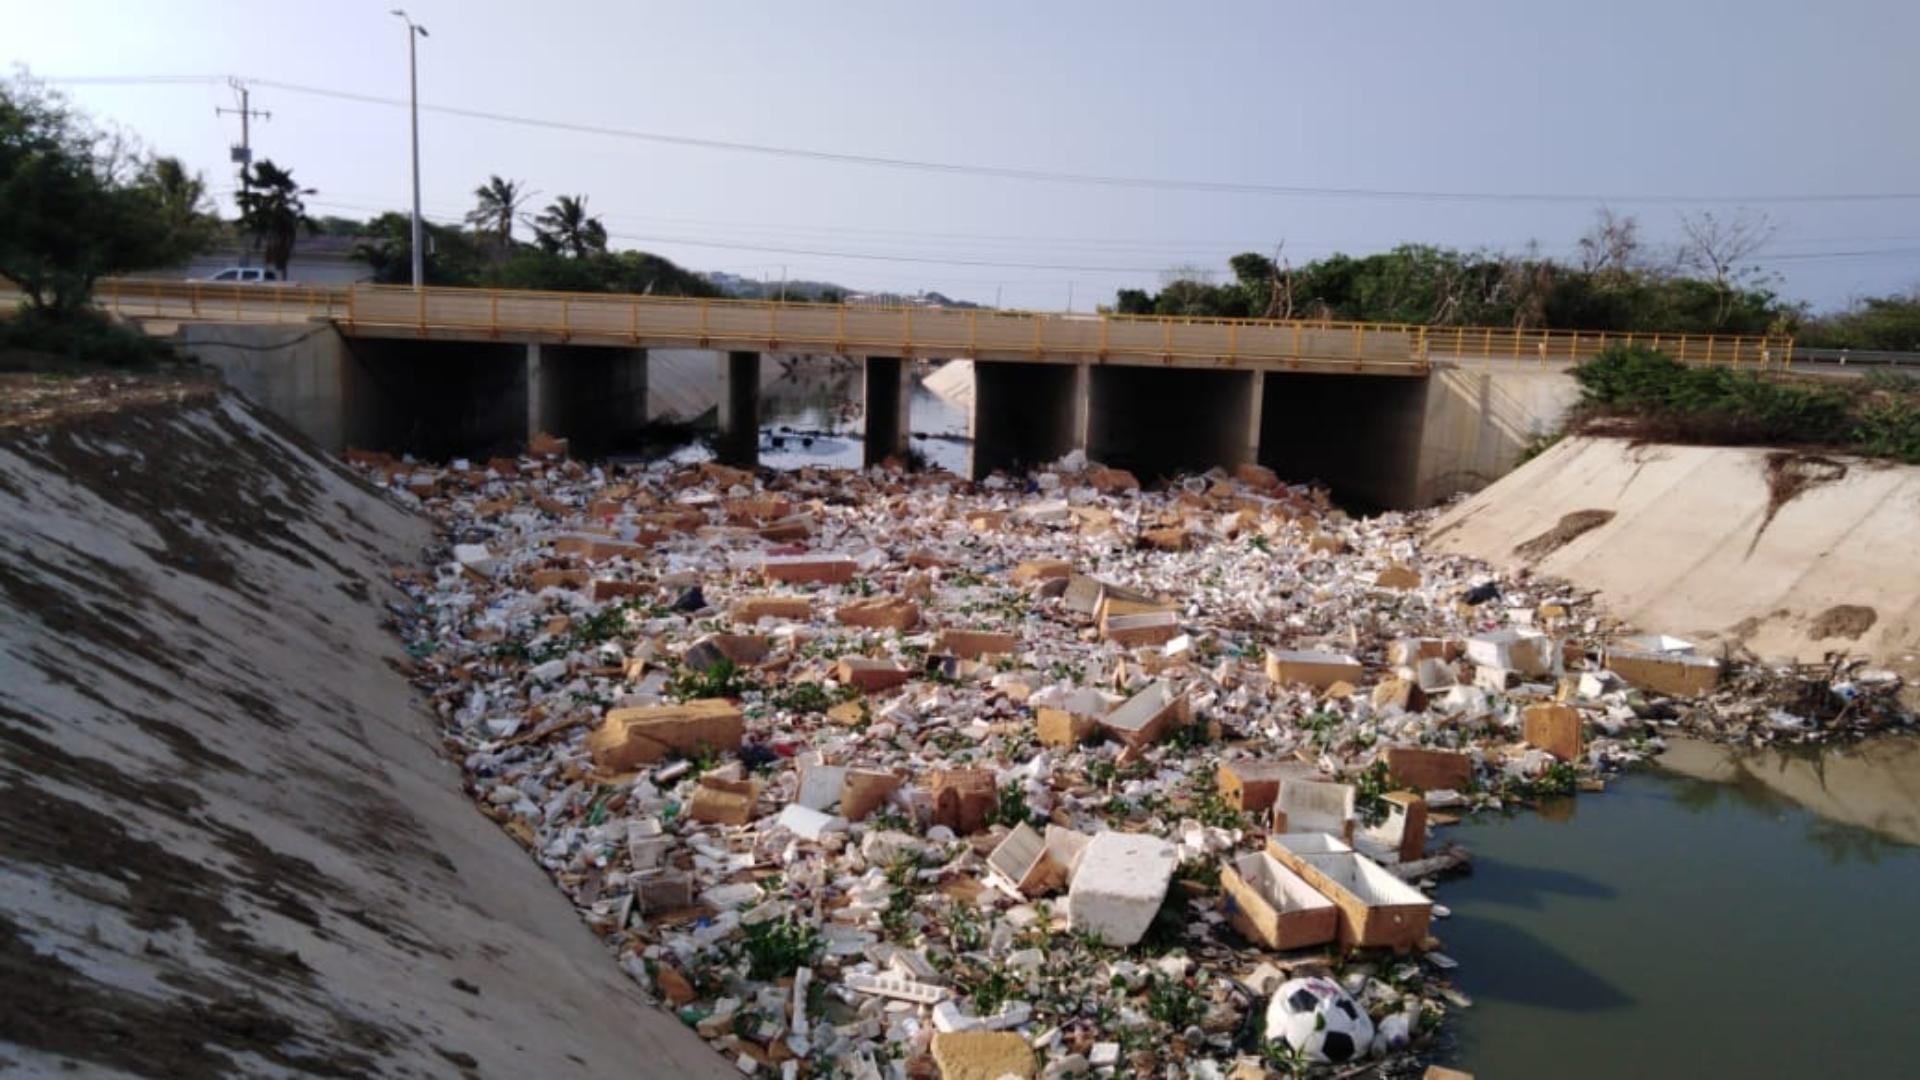 Toneladas de basuras que contienen cartones, fibras de vidrios, plásticos e icopor llegan el arroyo.